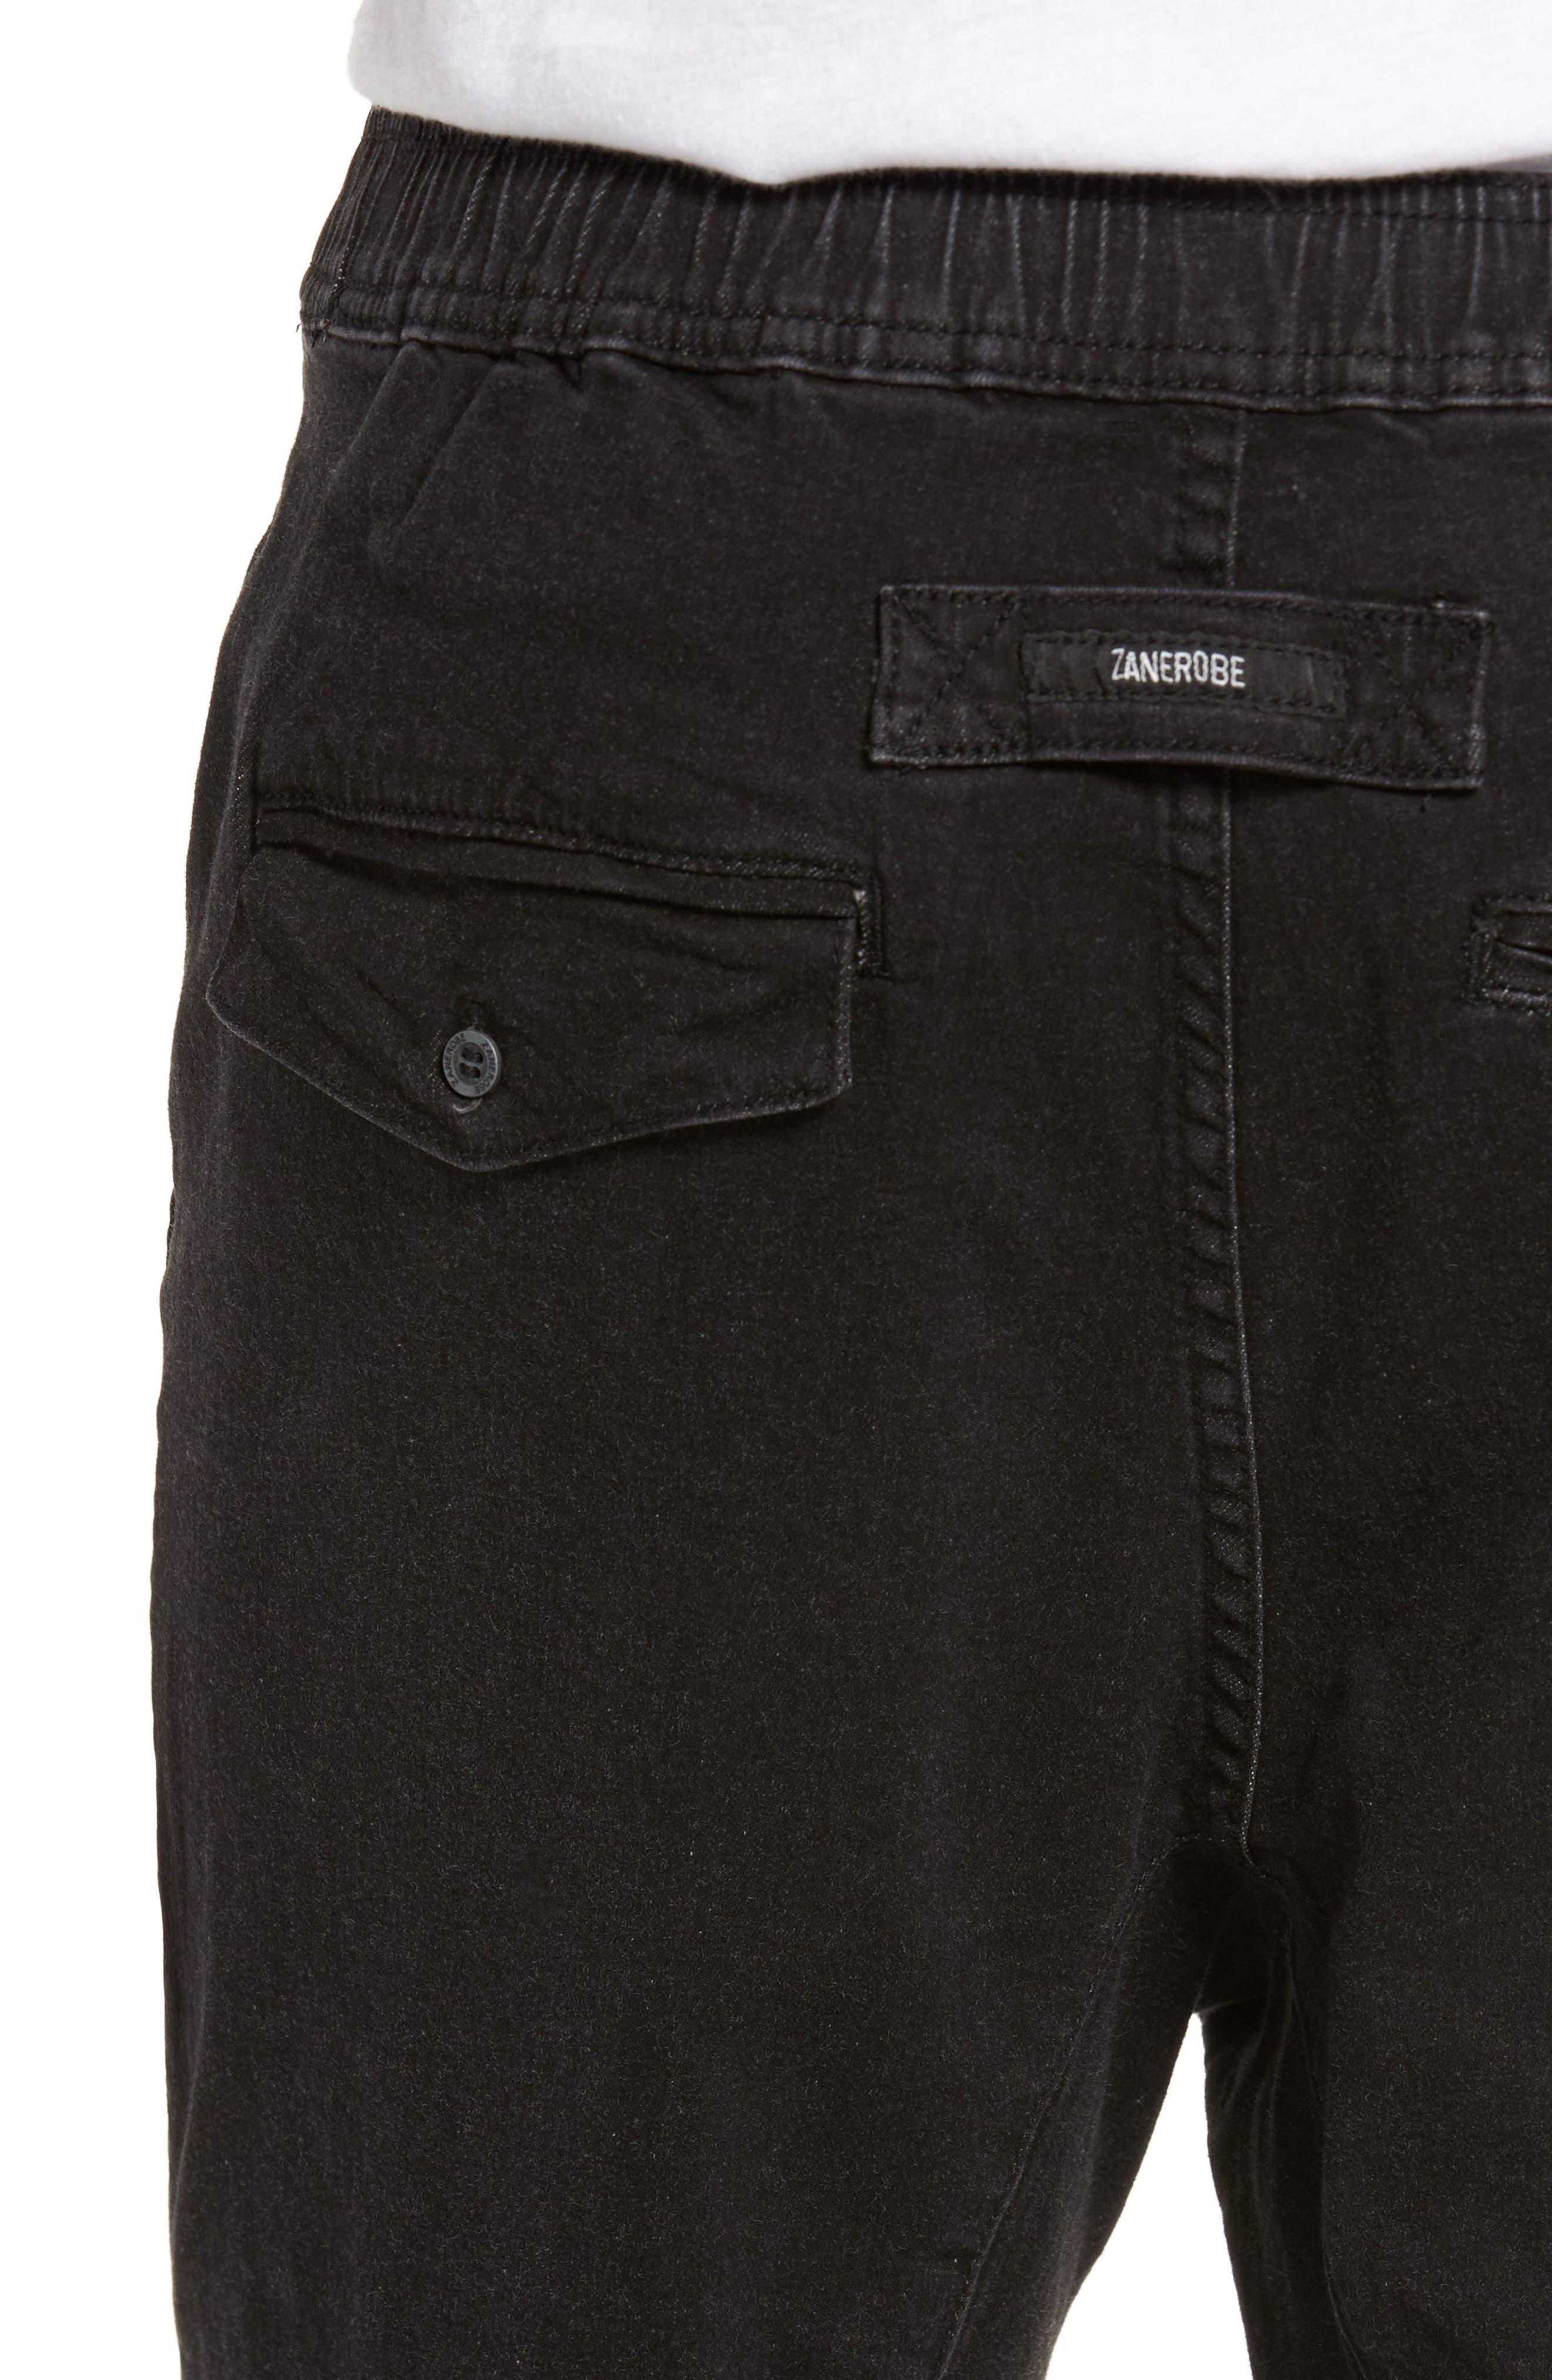 Sureshot Chino Shorts,                             Alternate thumbnail 4, color,                             001